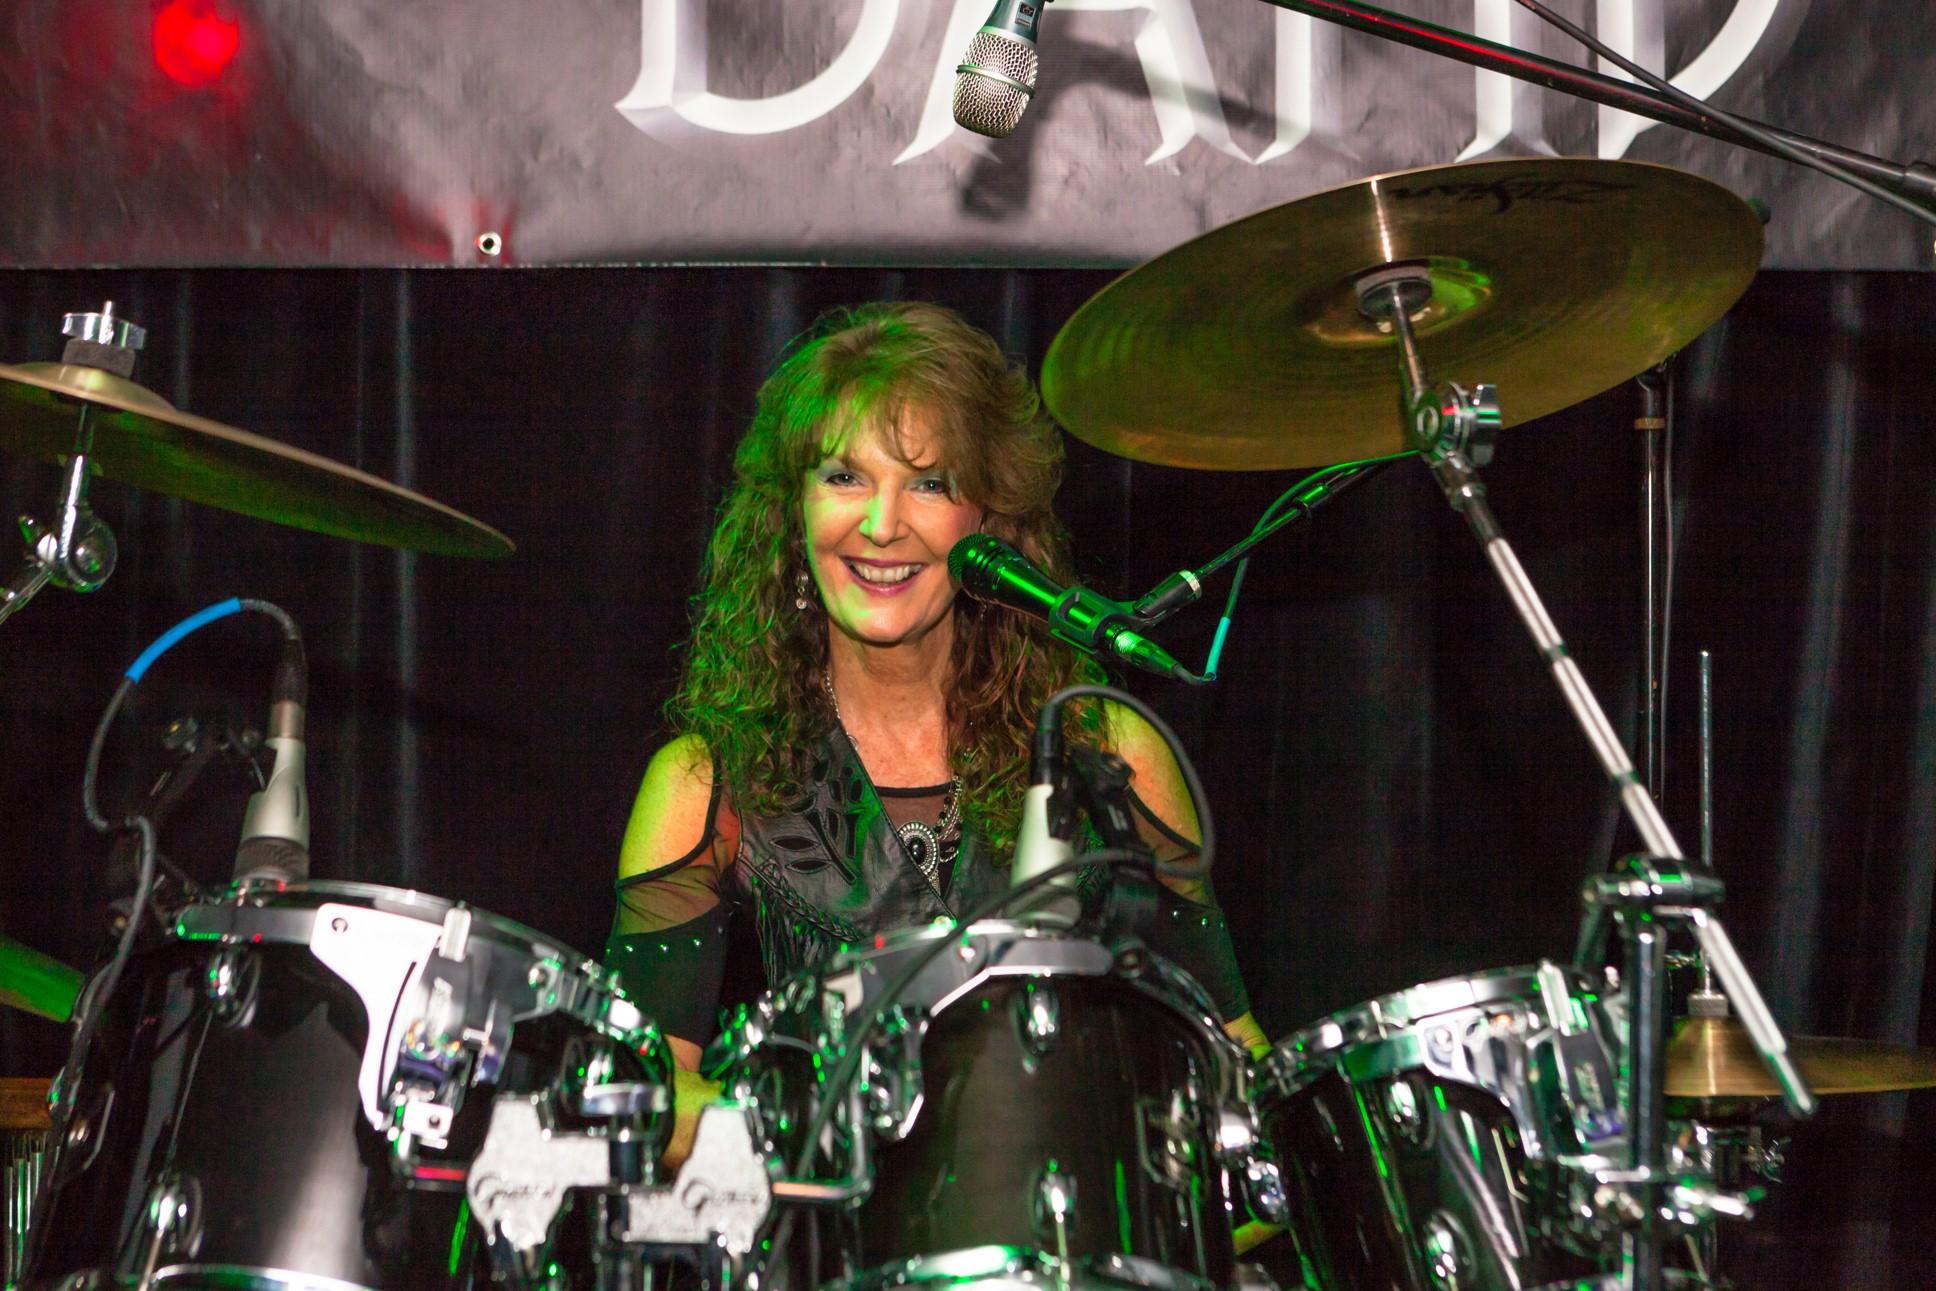 Lisa at Dees